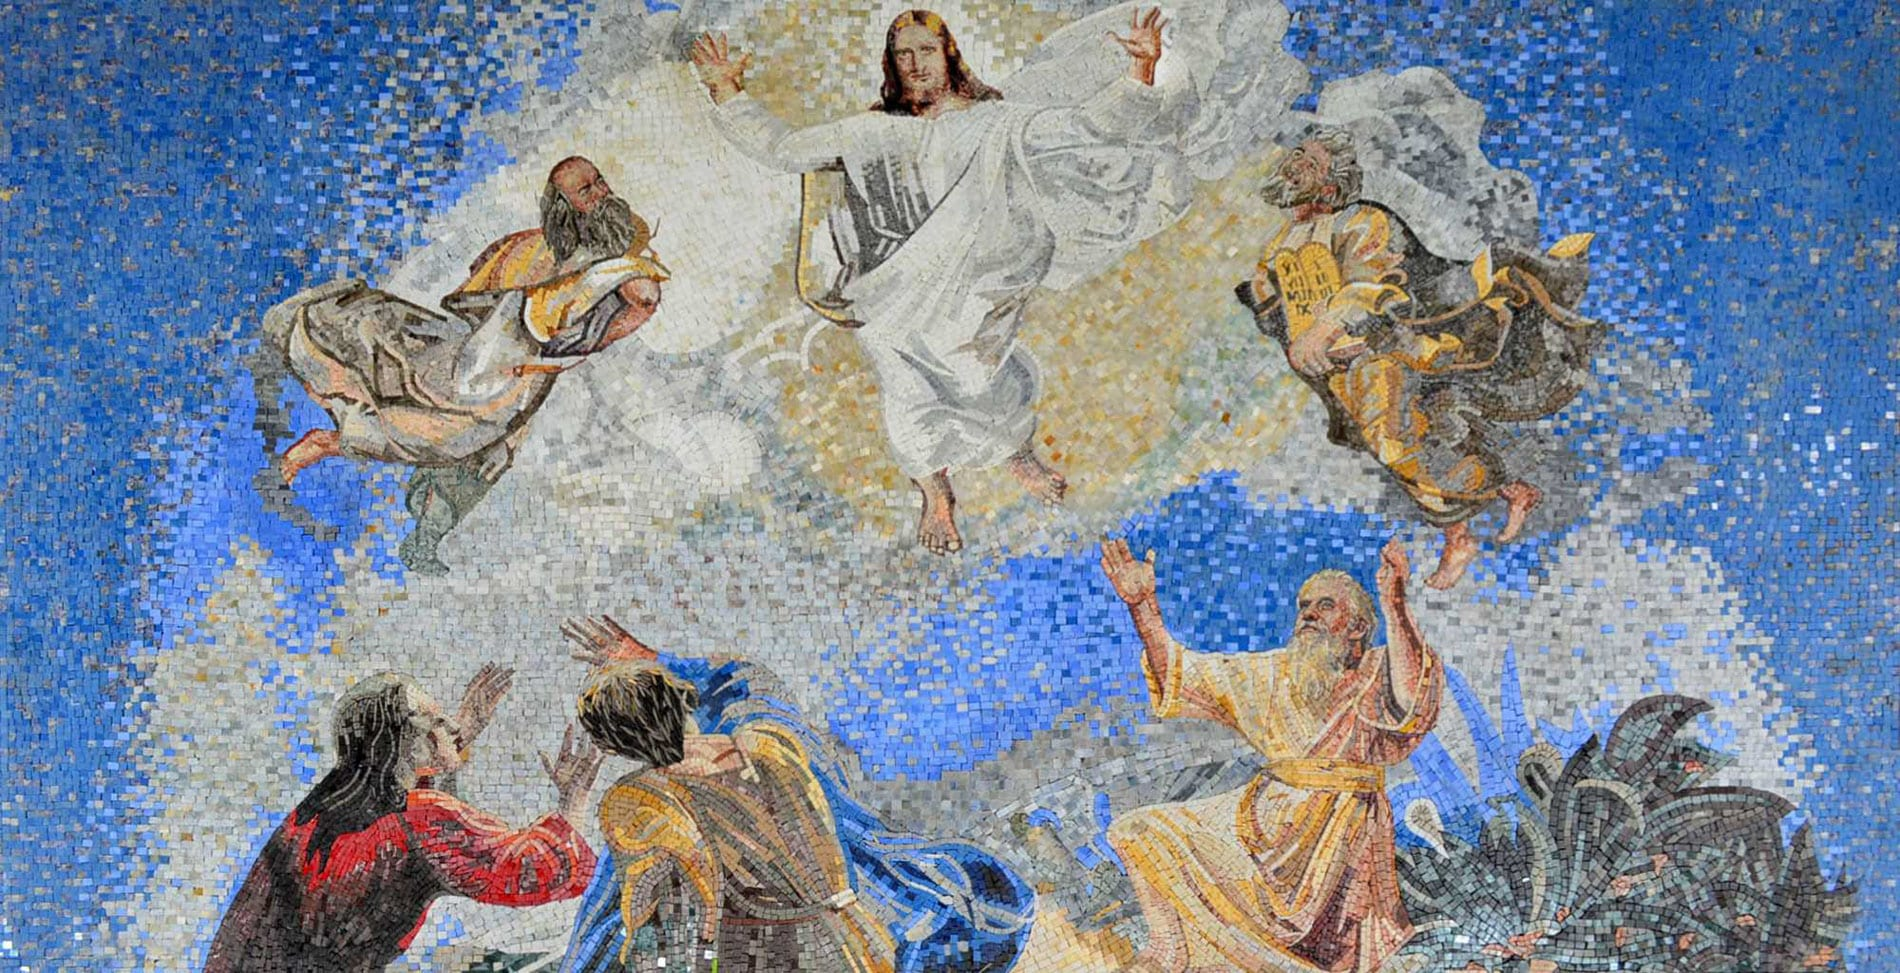 Dei Verbum -The Dogmatic Constitution on Divine Revelation of Vatican II